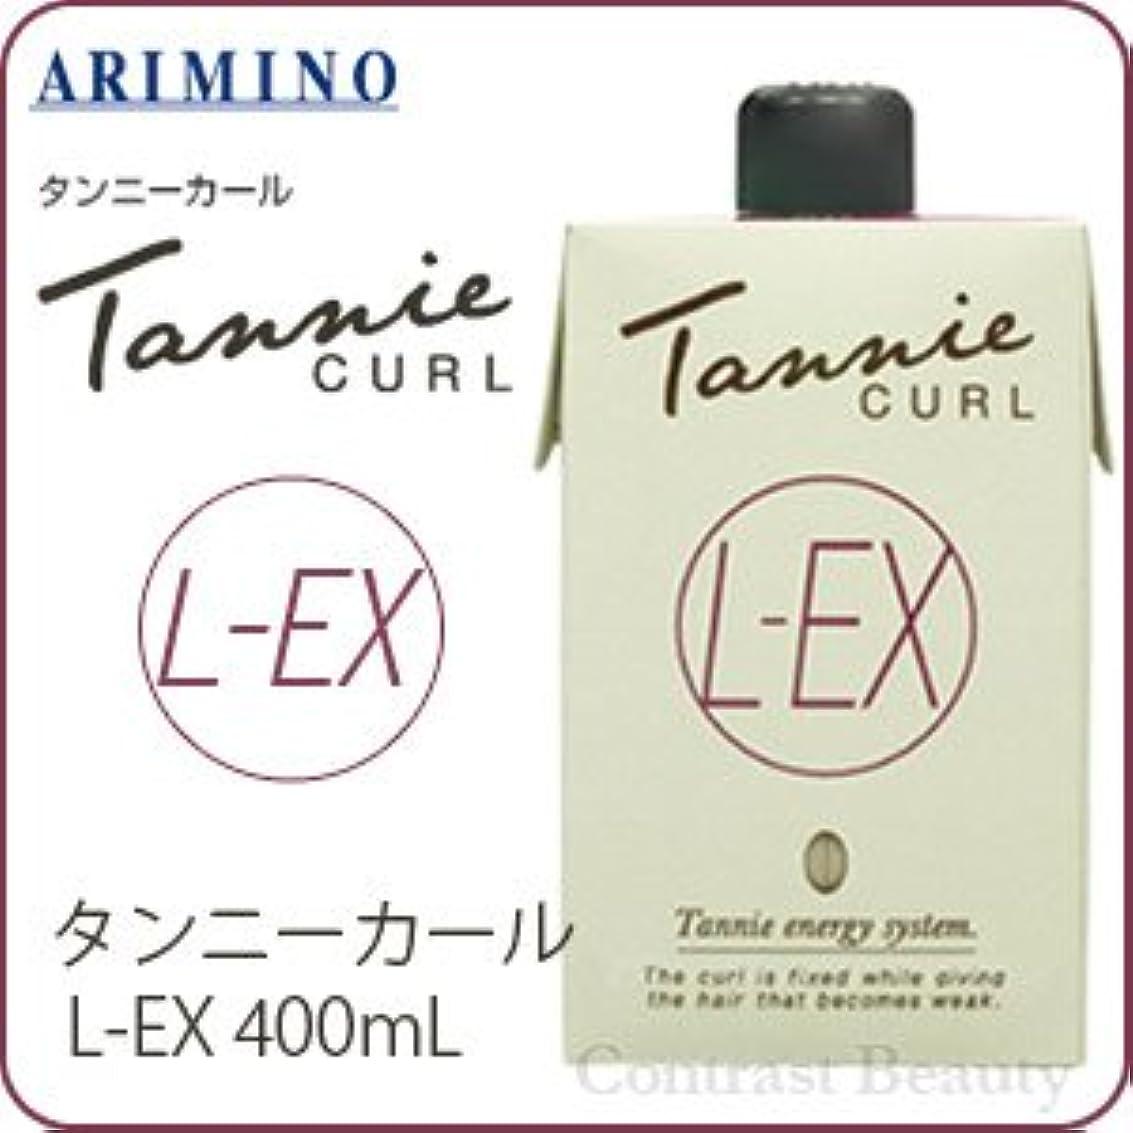 媒染剤読者容器【X5個セット】 アリミノ タンニーカール L-EX 400ml